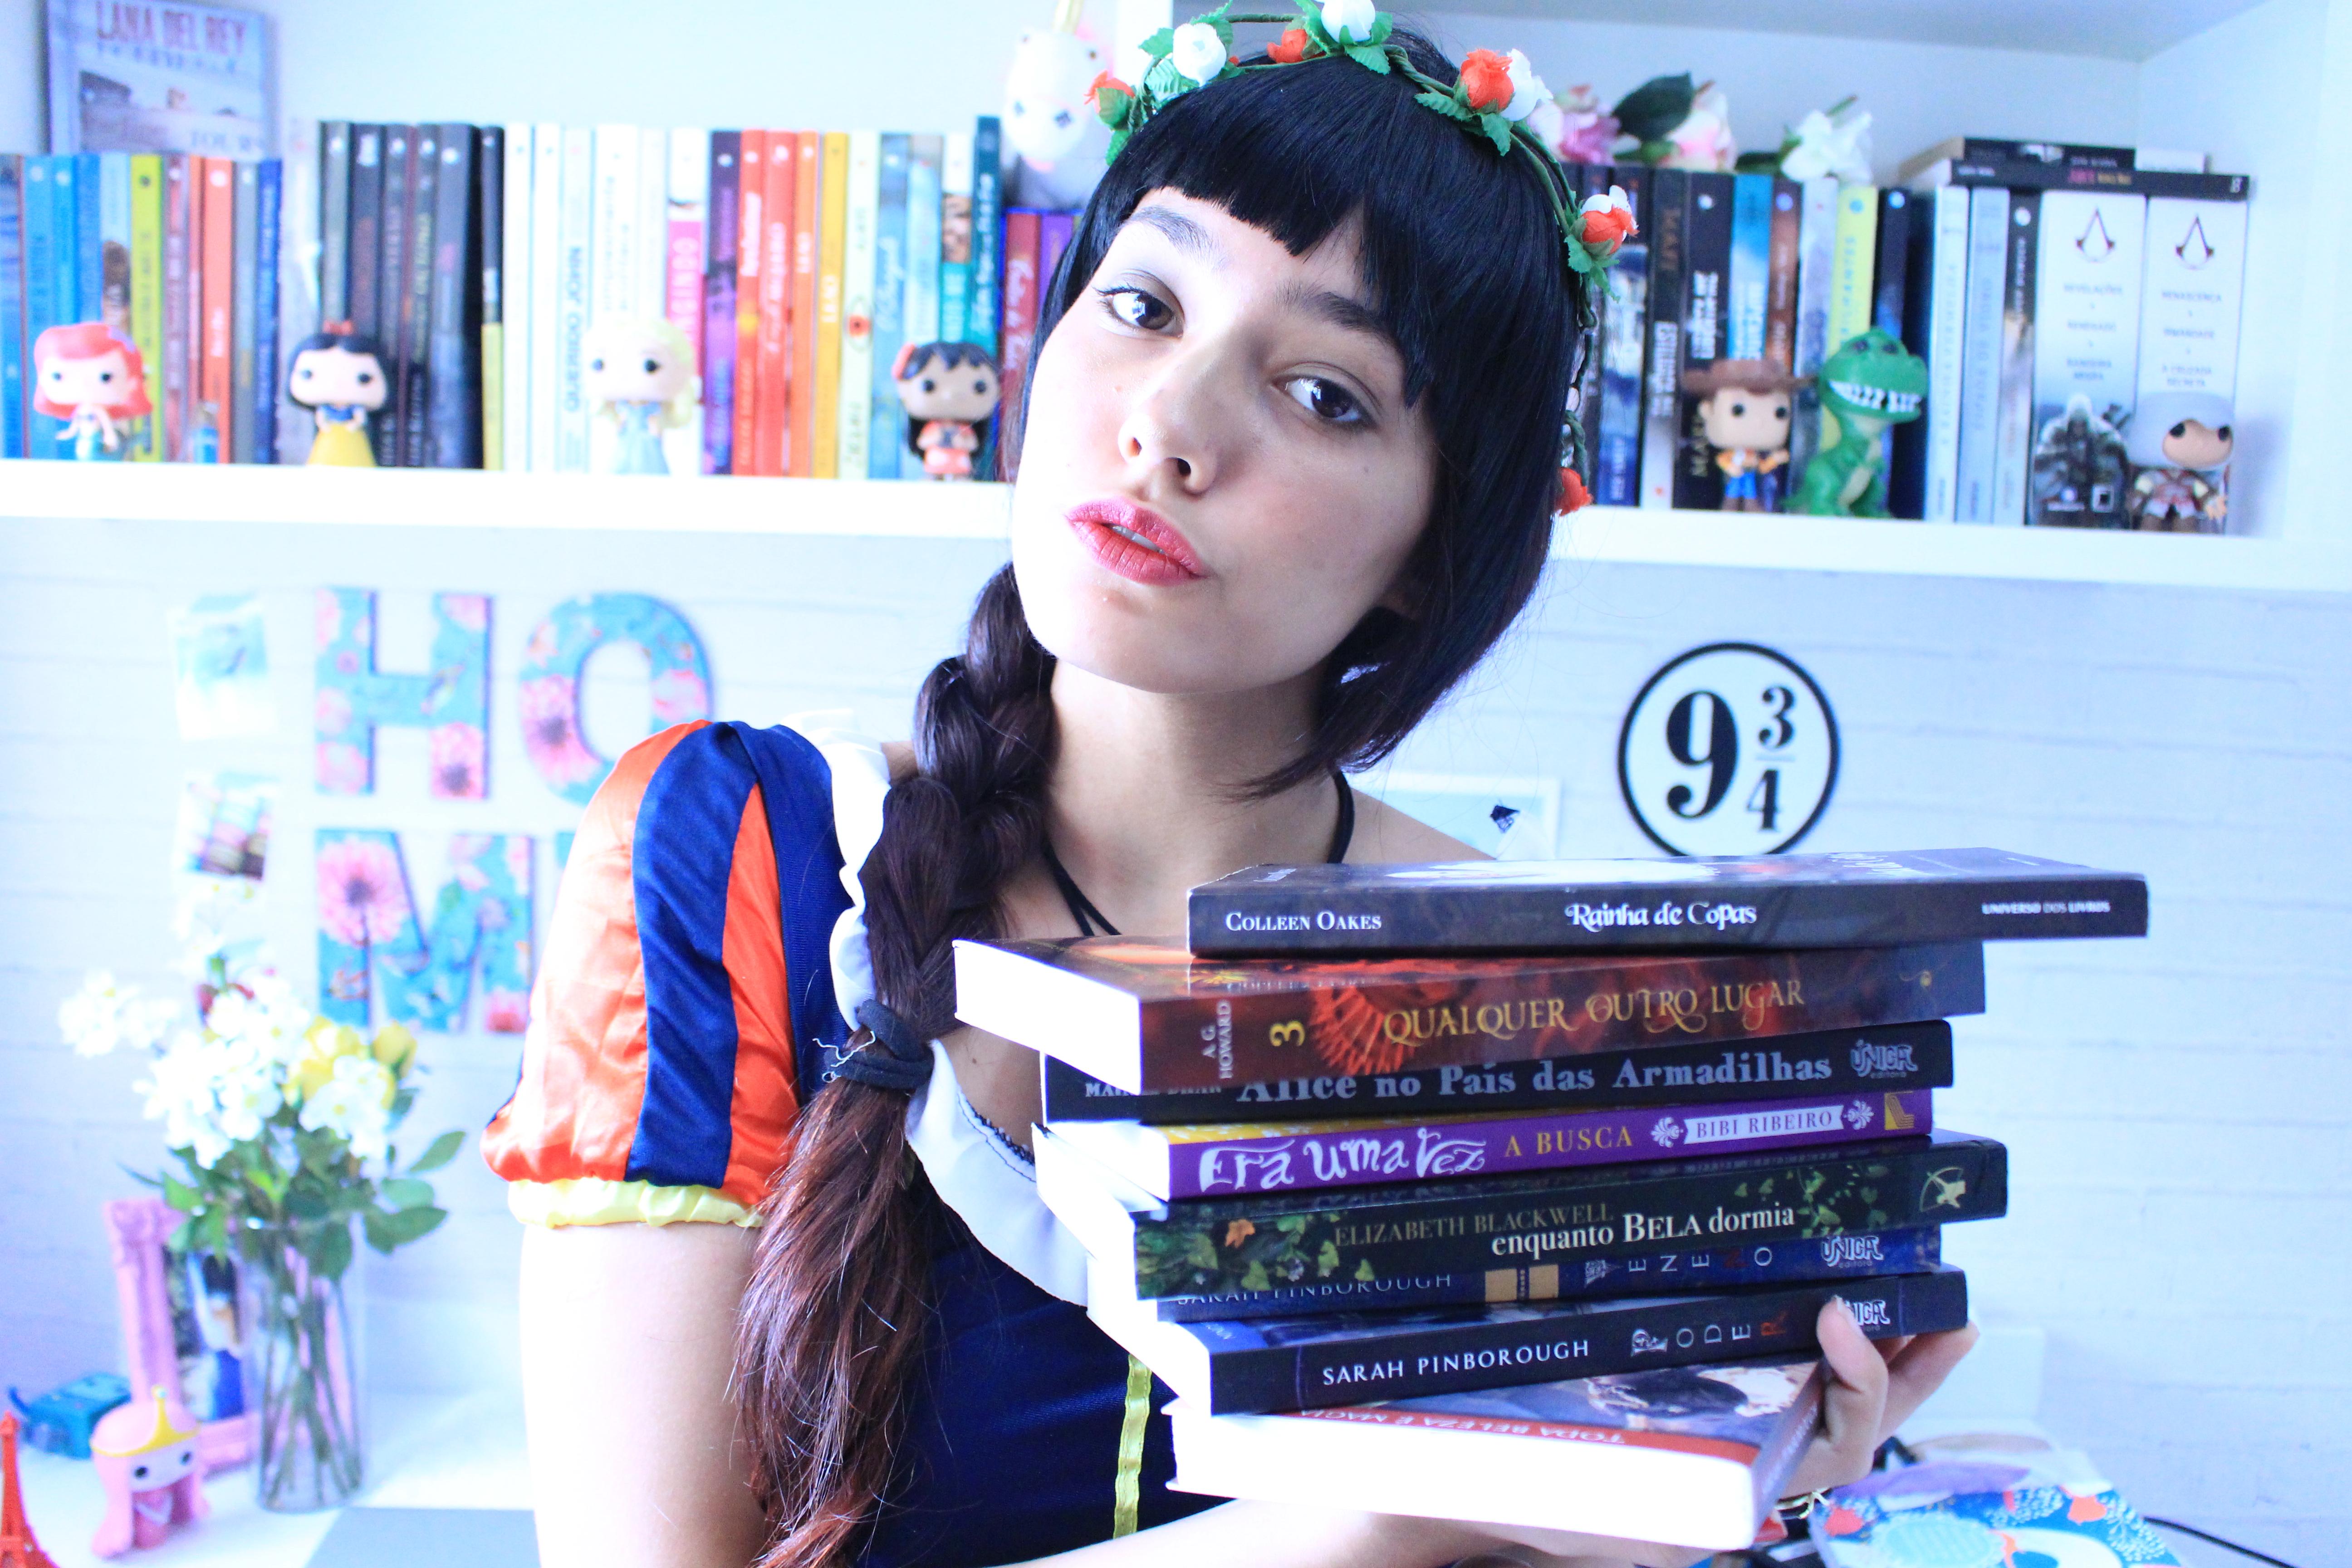 Livros para fãs de Once Upon A time